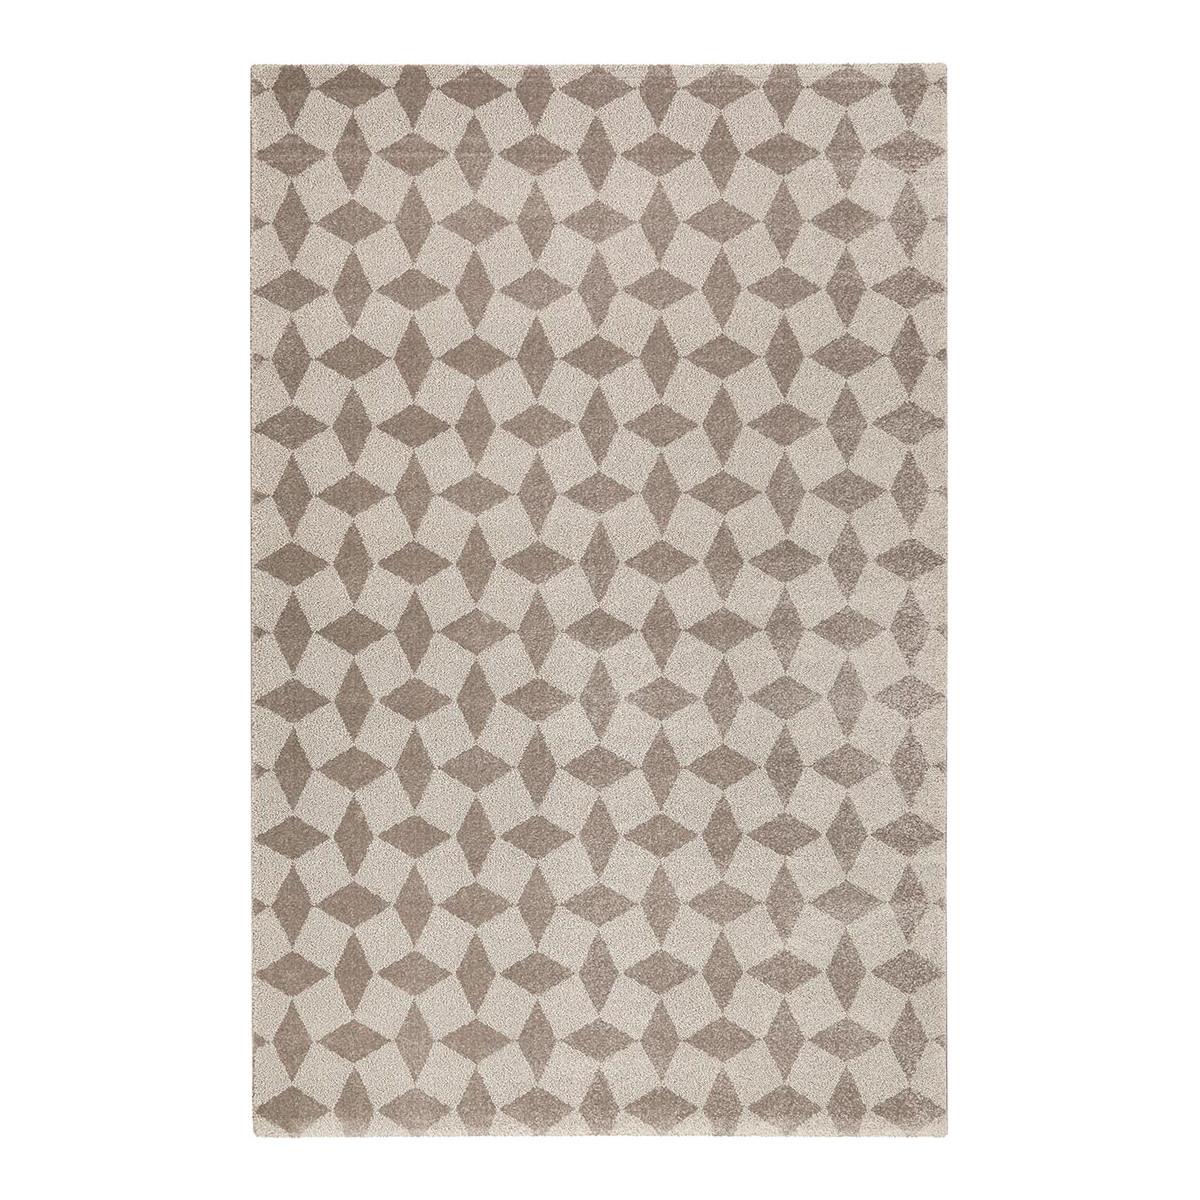 Tapis géométrique scandinave en polypropylène gris 80x150